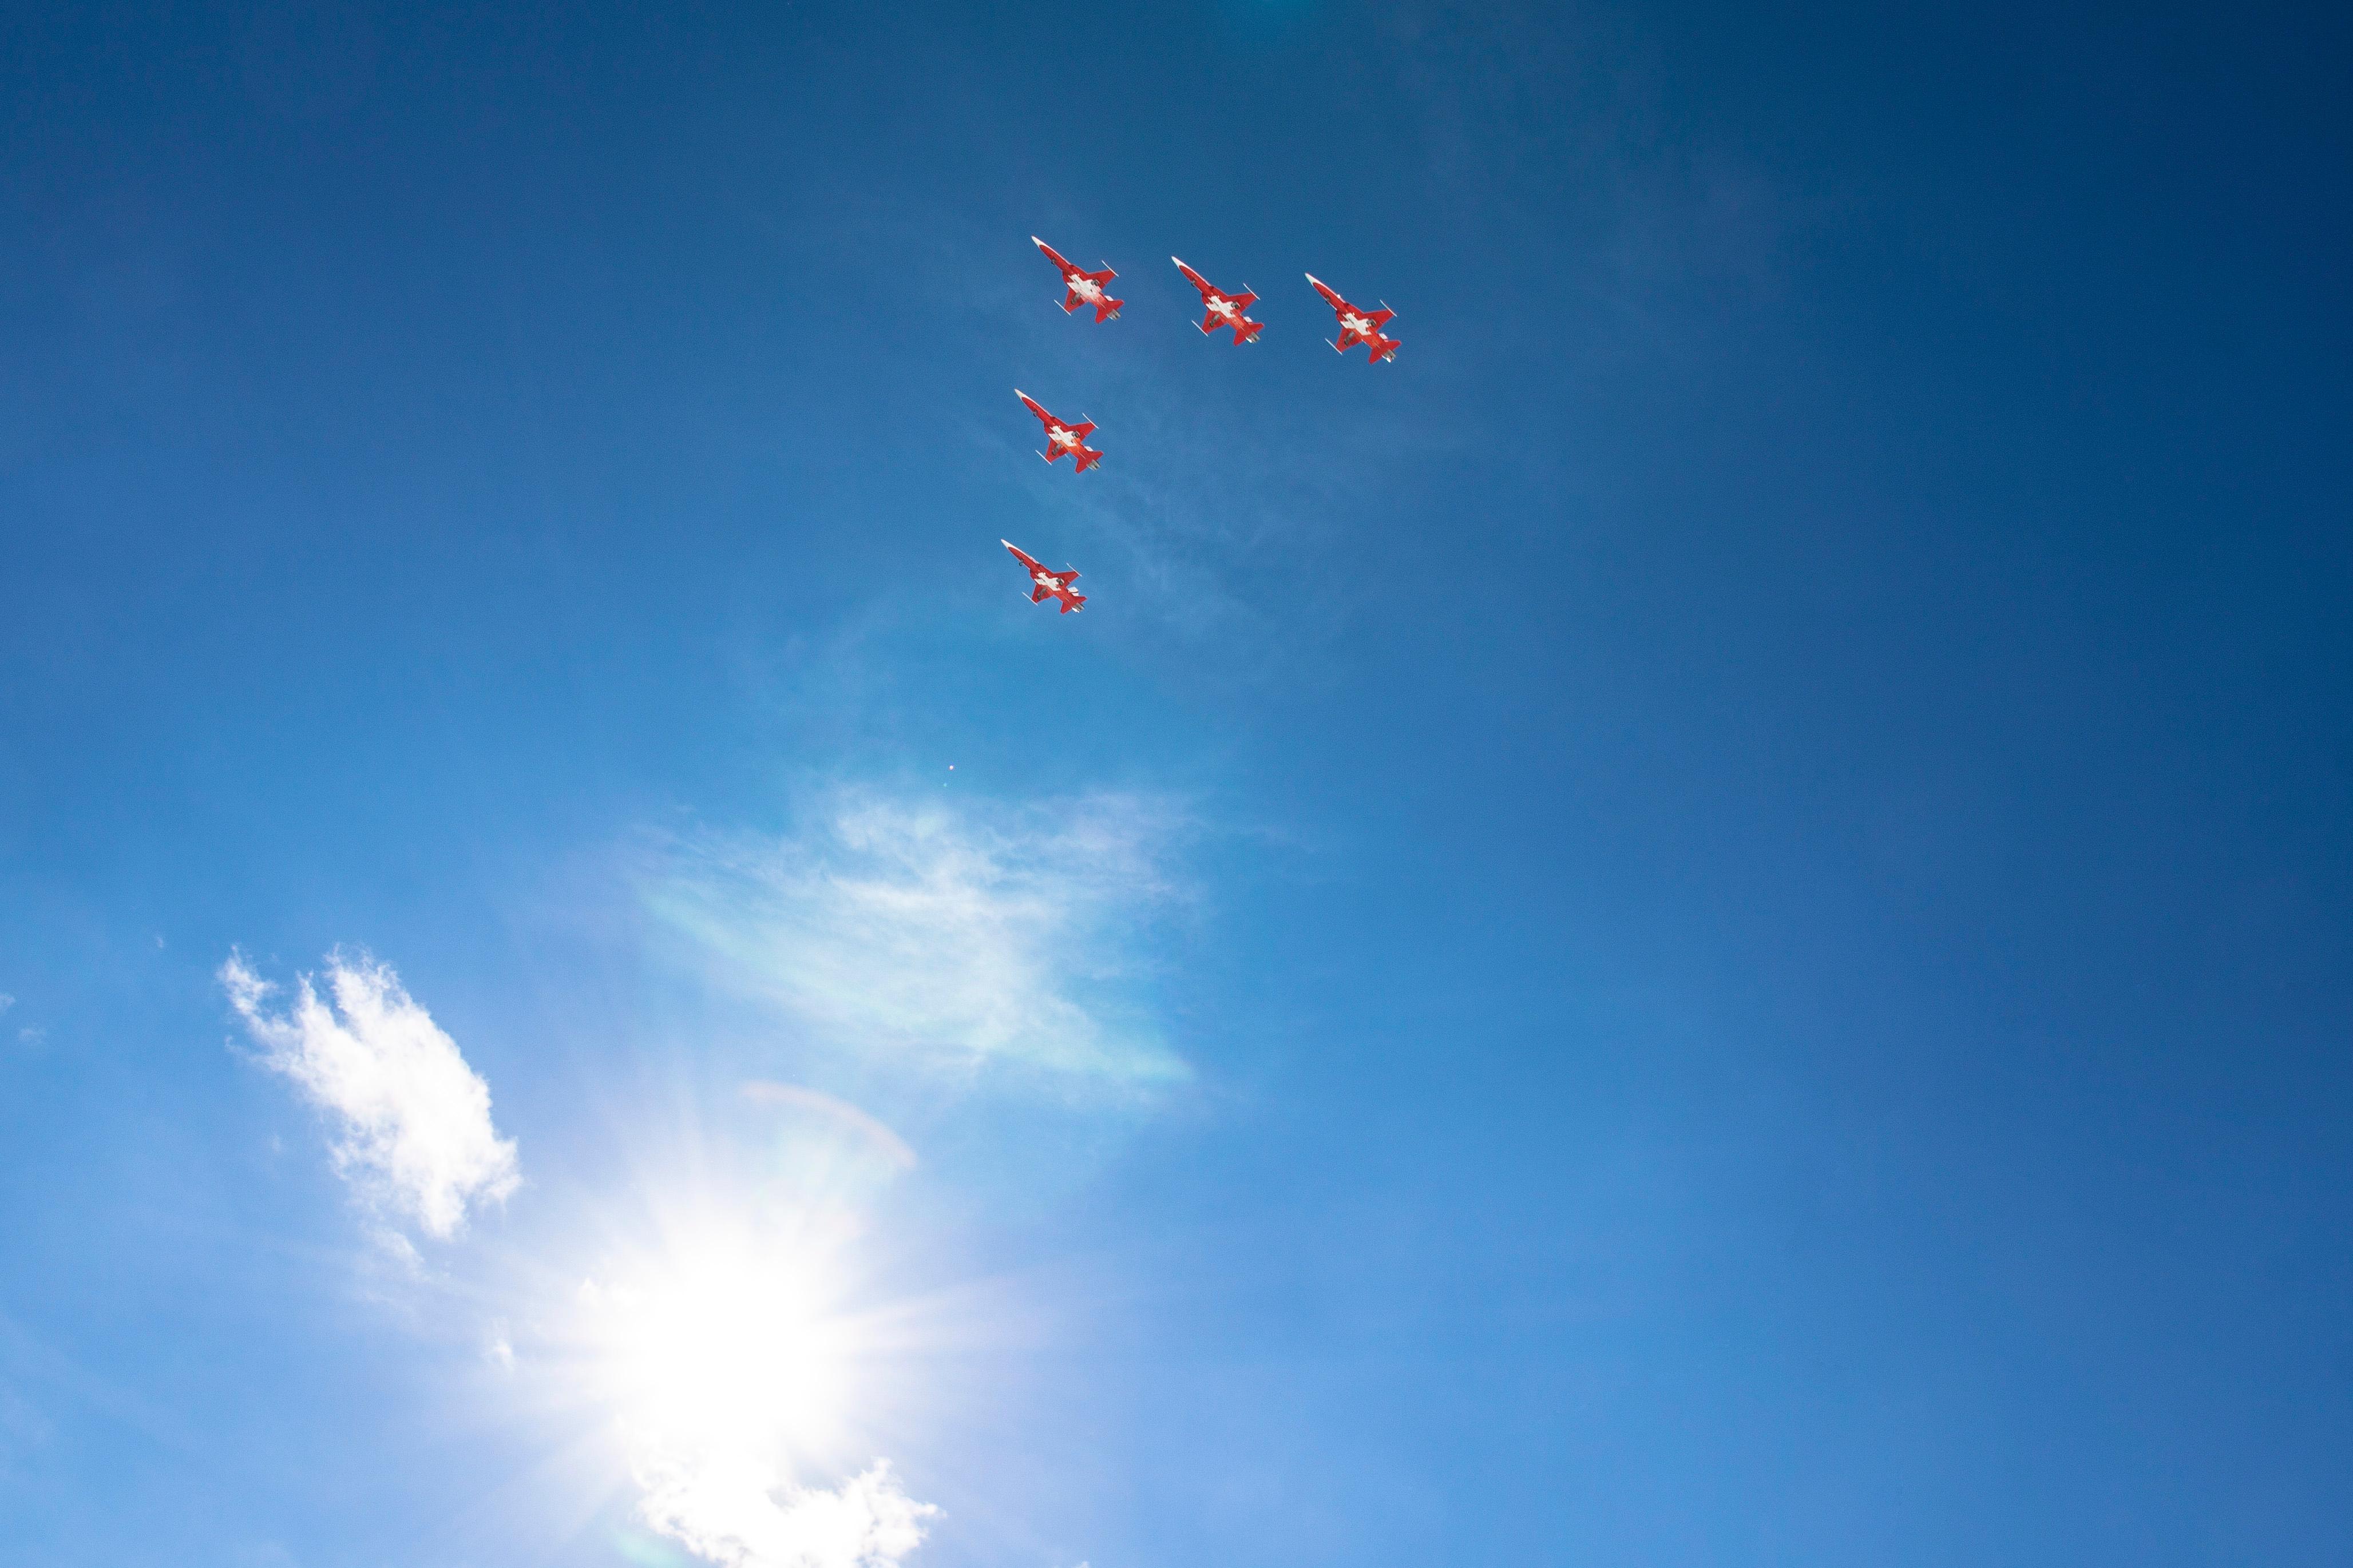 Images Gratuites Nuage Ciel Bleu Jouet Parachute Des Sports